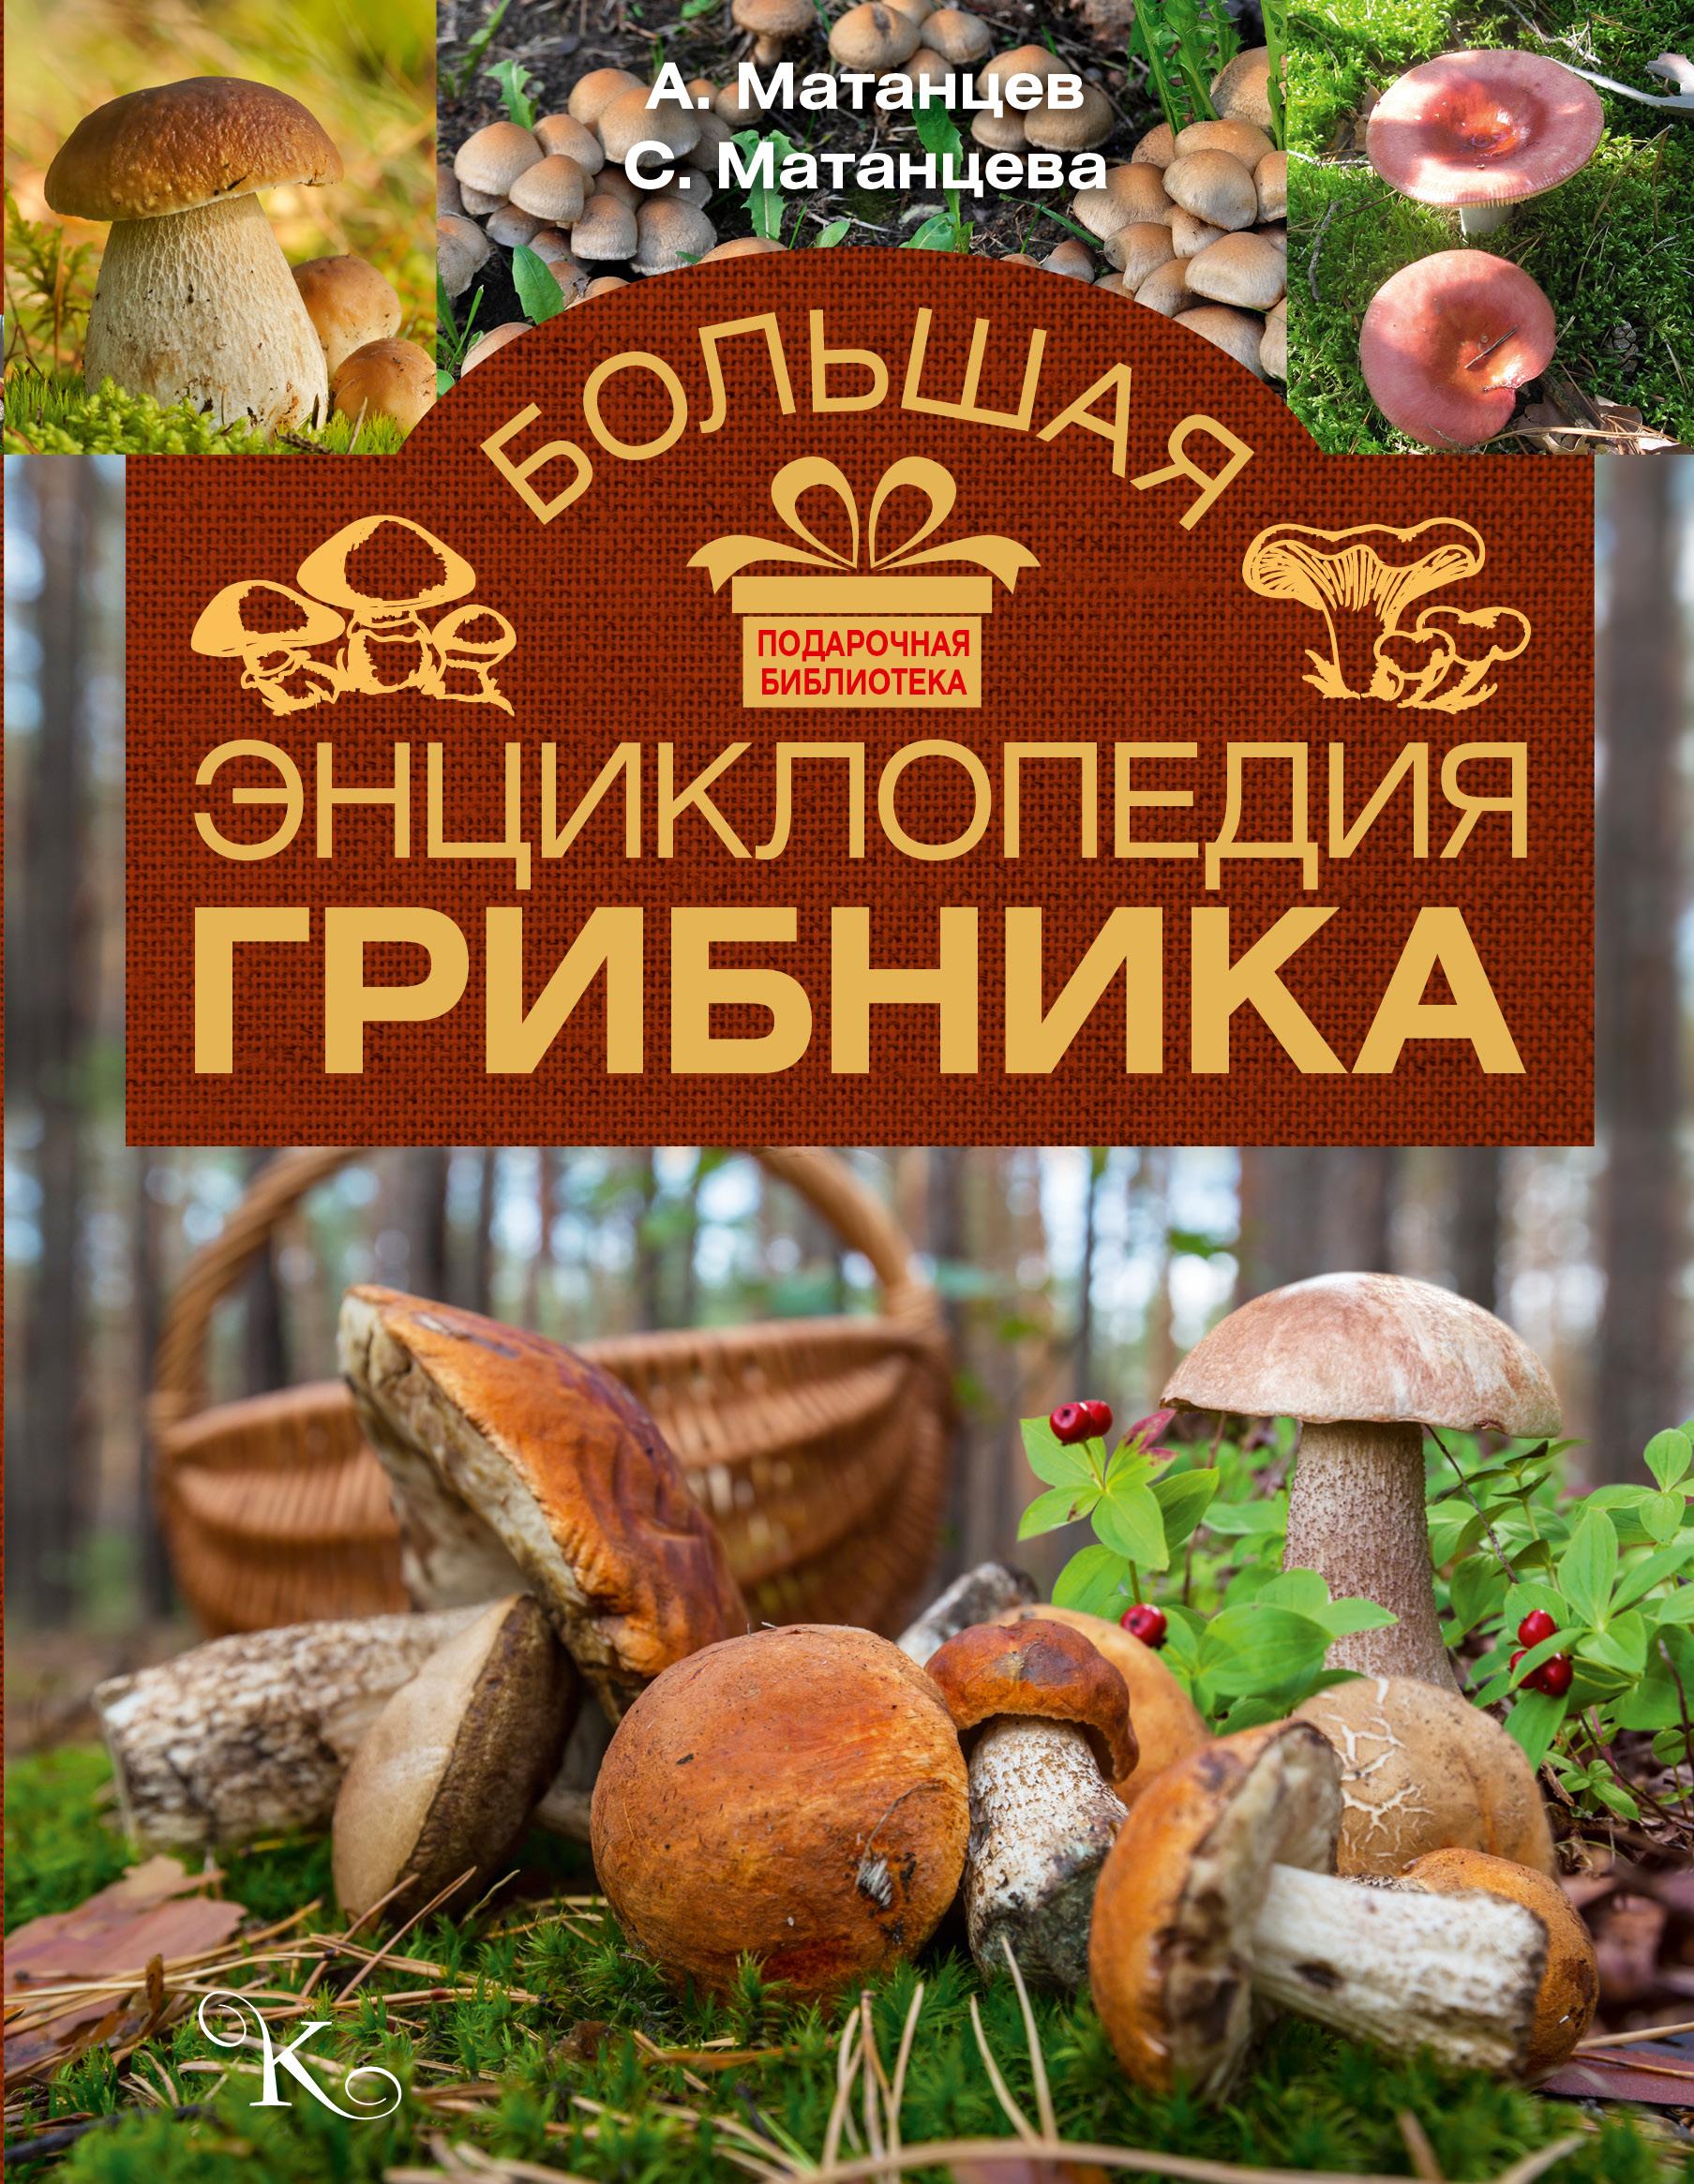 Большая энциклопедия грибника ( Матанцев А.Н., Матанцева С.Г.  )